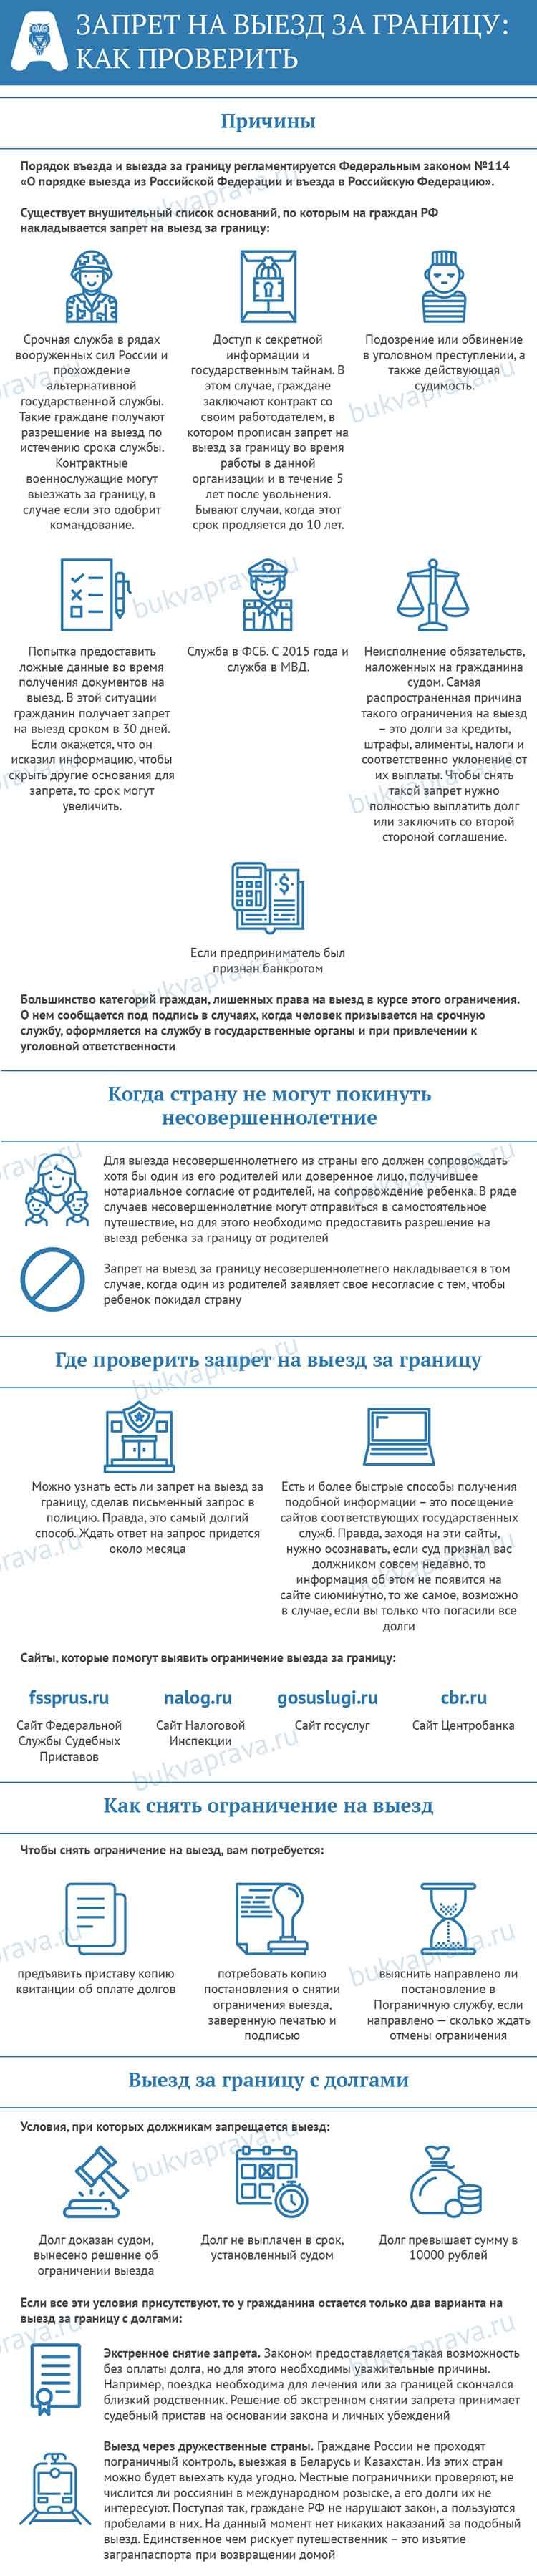 Взять ипотечный кредит в москве